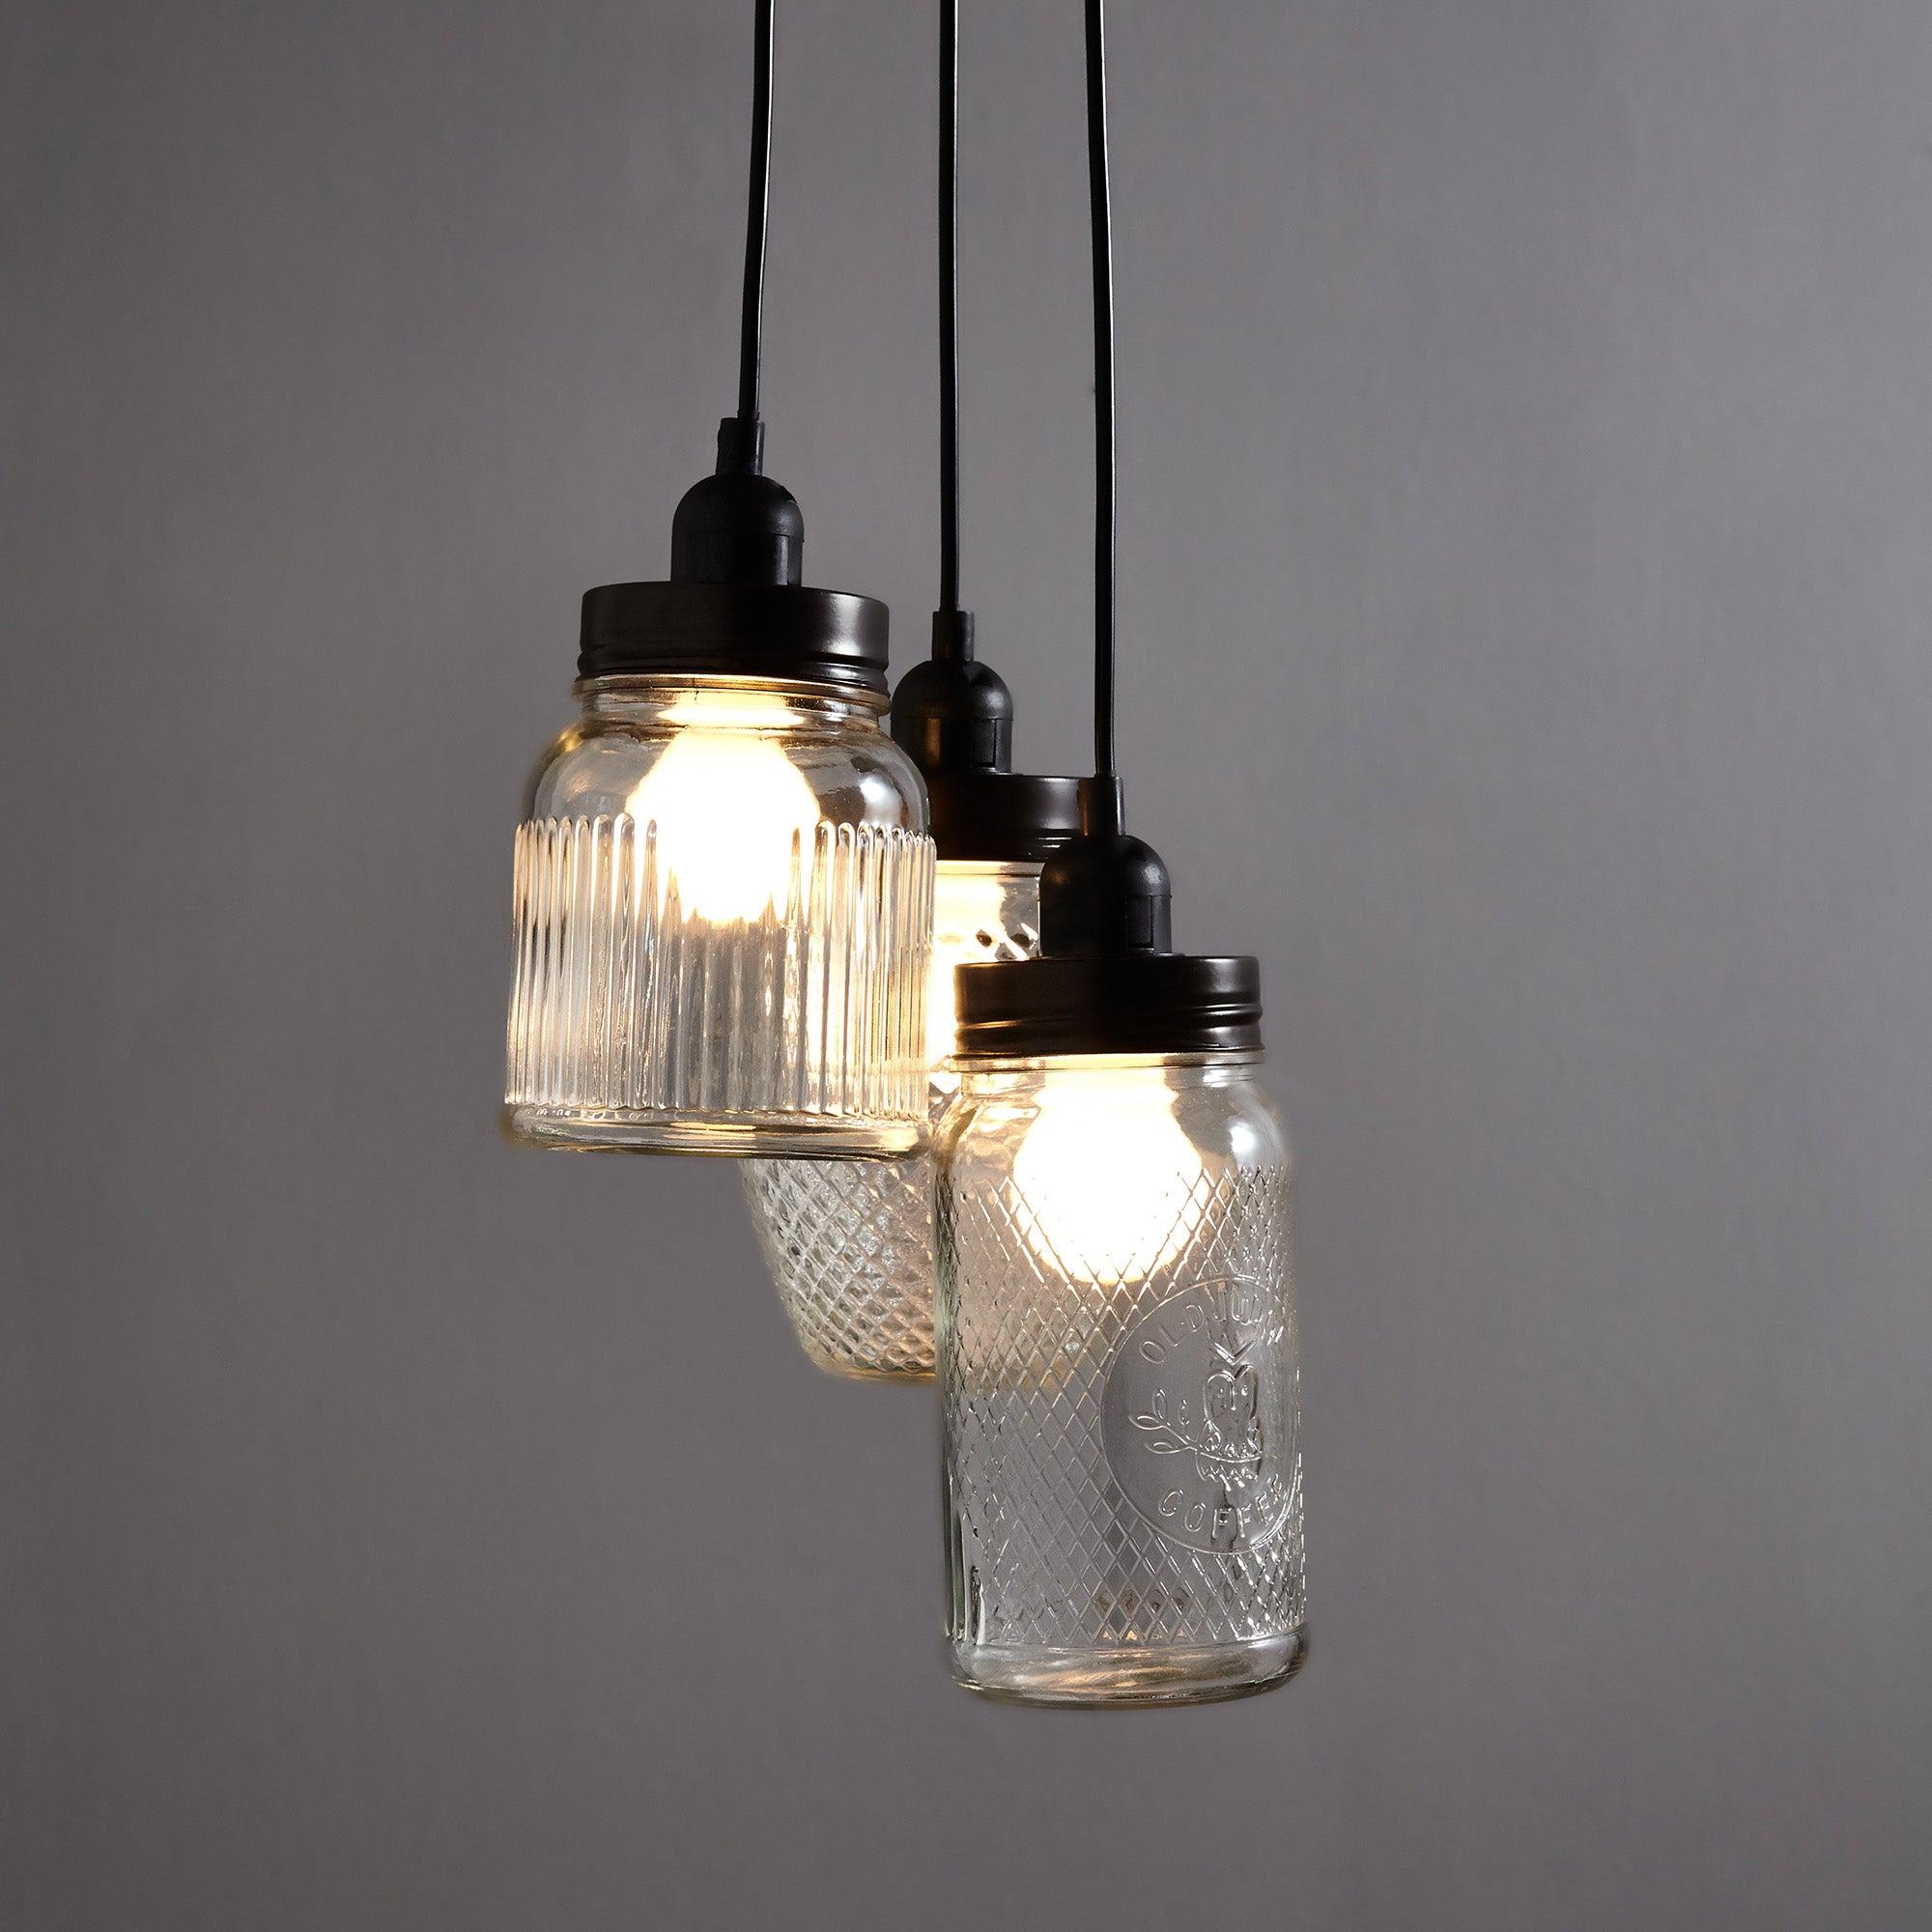 glass jar 3 light cluster dunelm. Black Bedroom Furniture Sets. Home Design Ideas